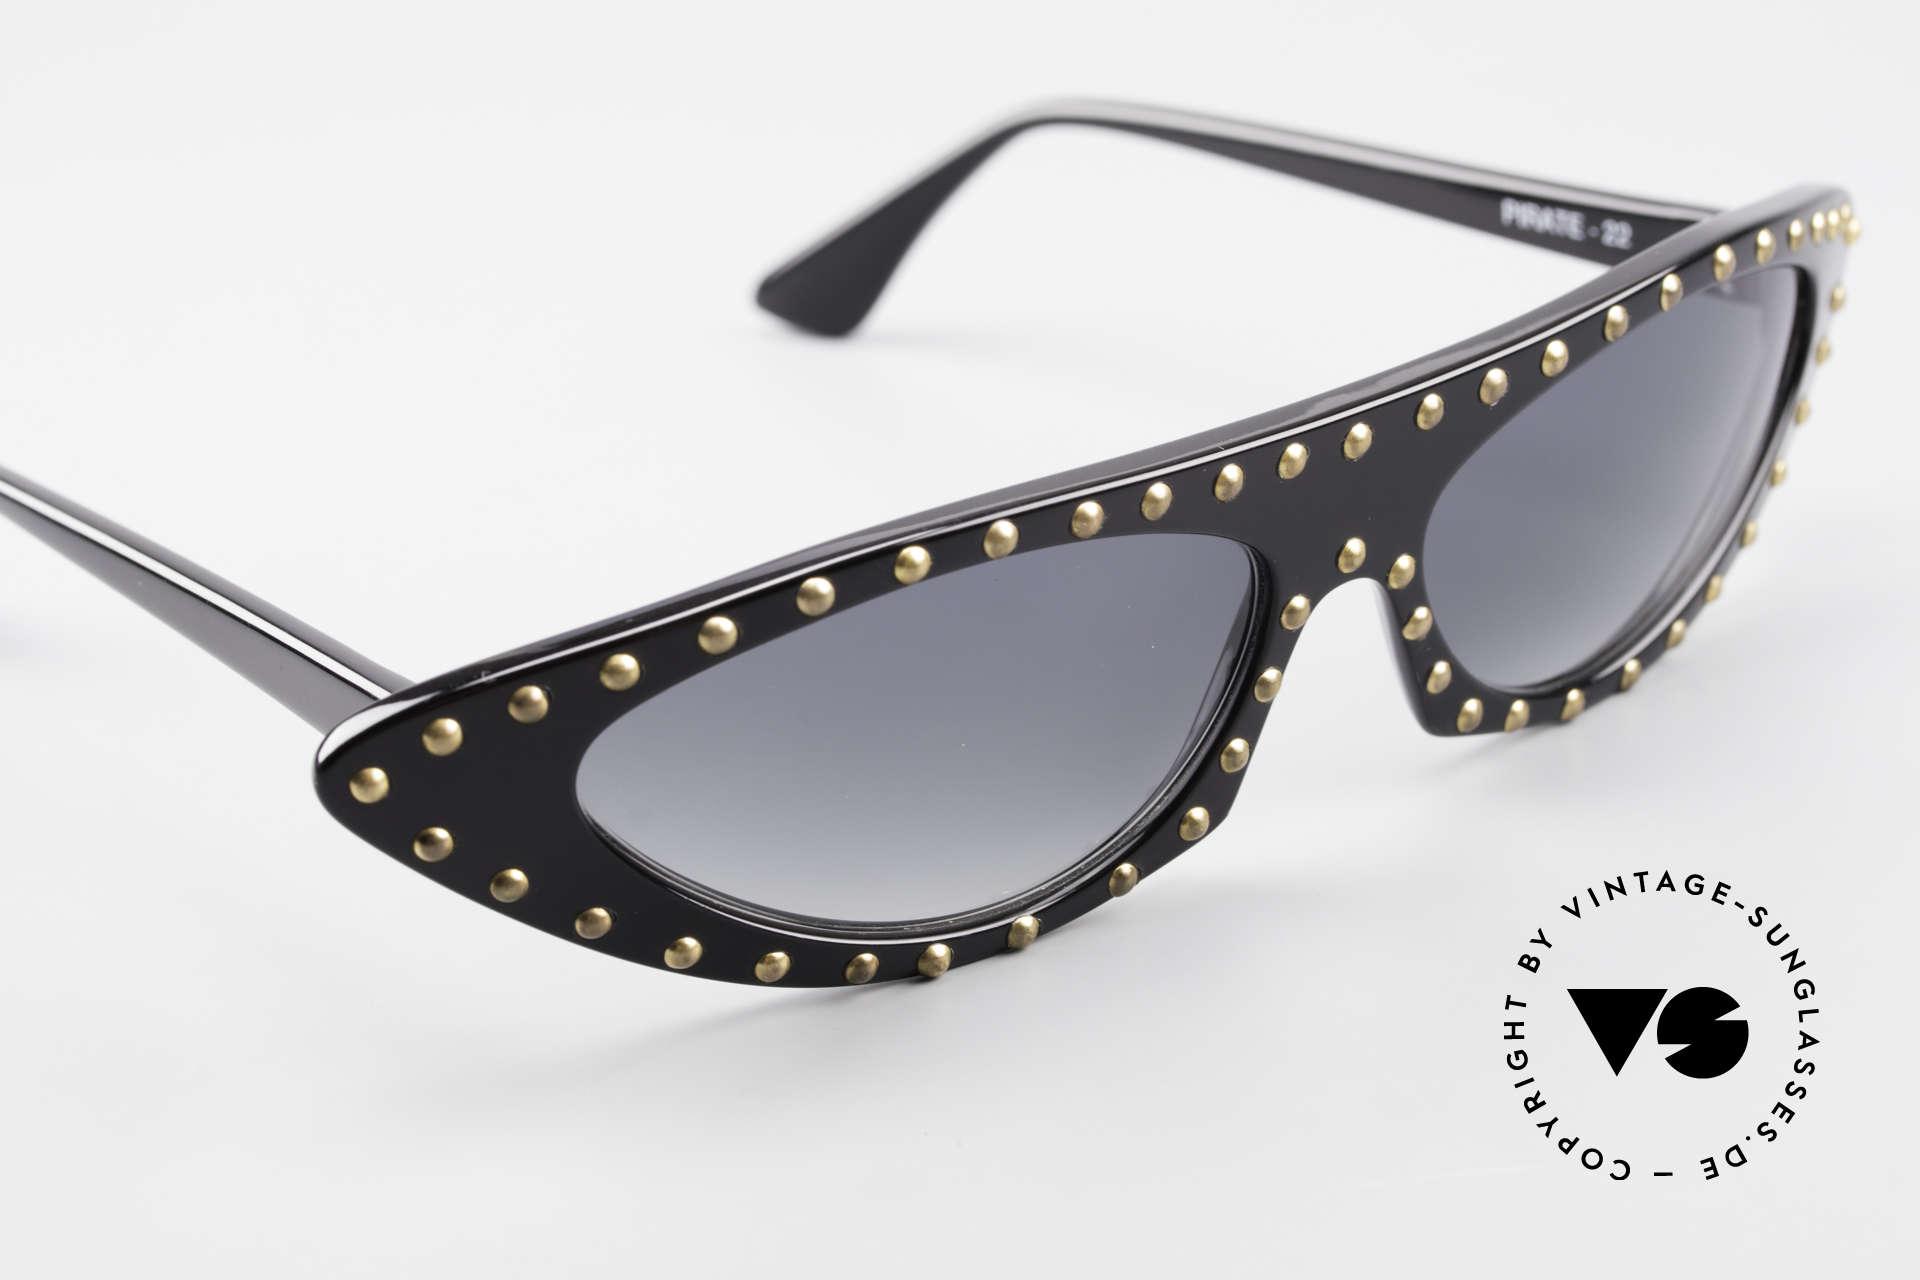 Patrick Kelly Pirate 22 80er Haute Couture Brille, KEINE RETRObrille, sondern ein 80er Jahre Original, Passend für Damen